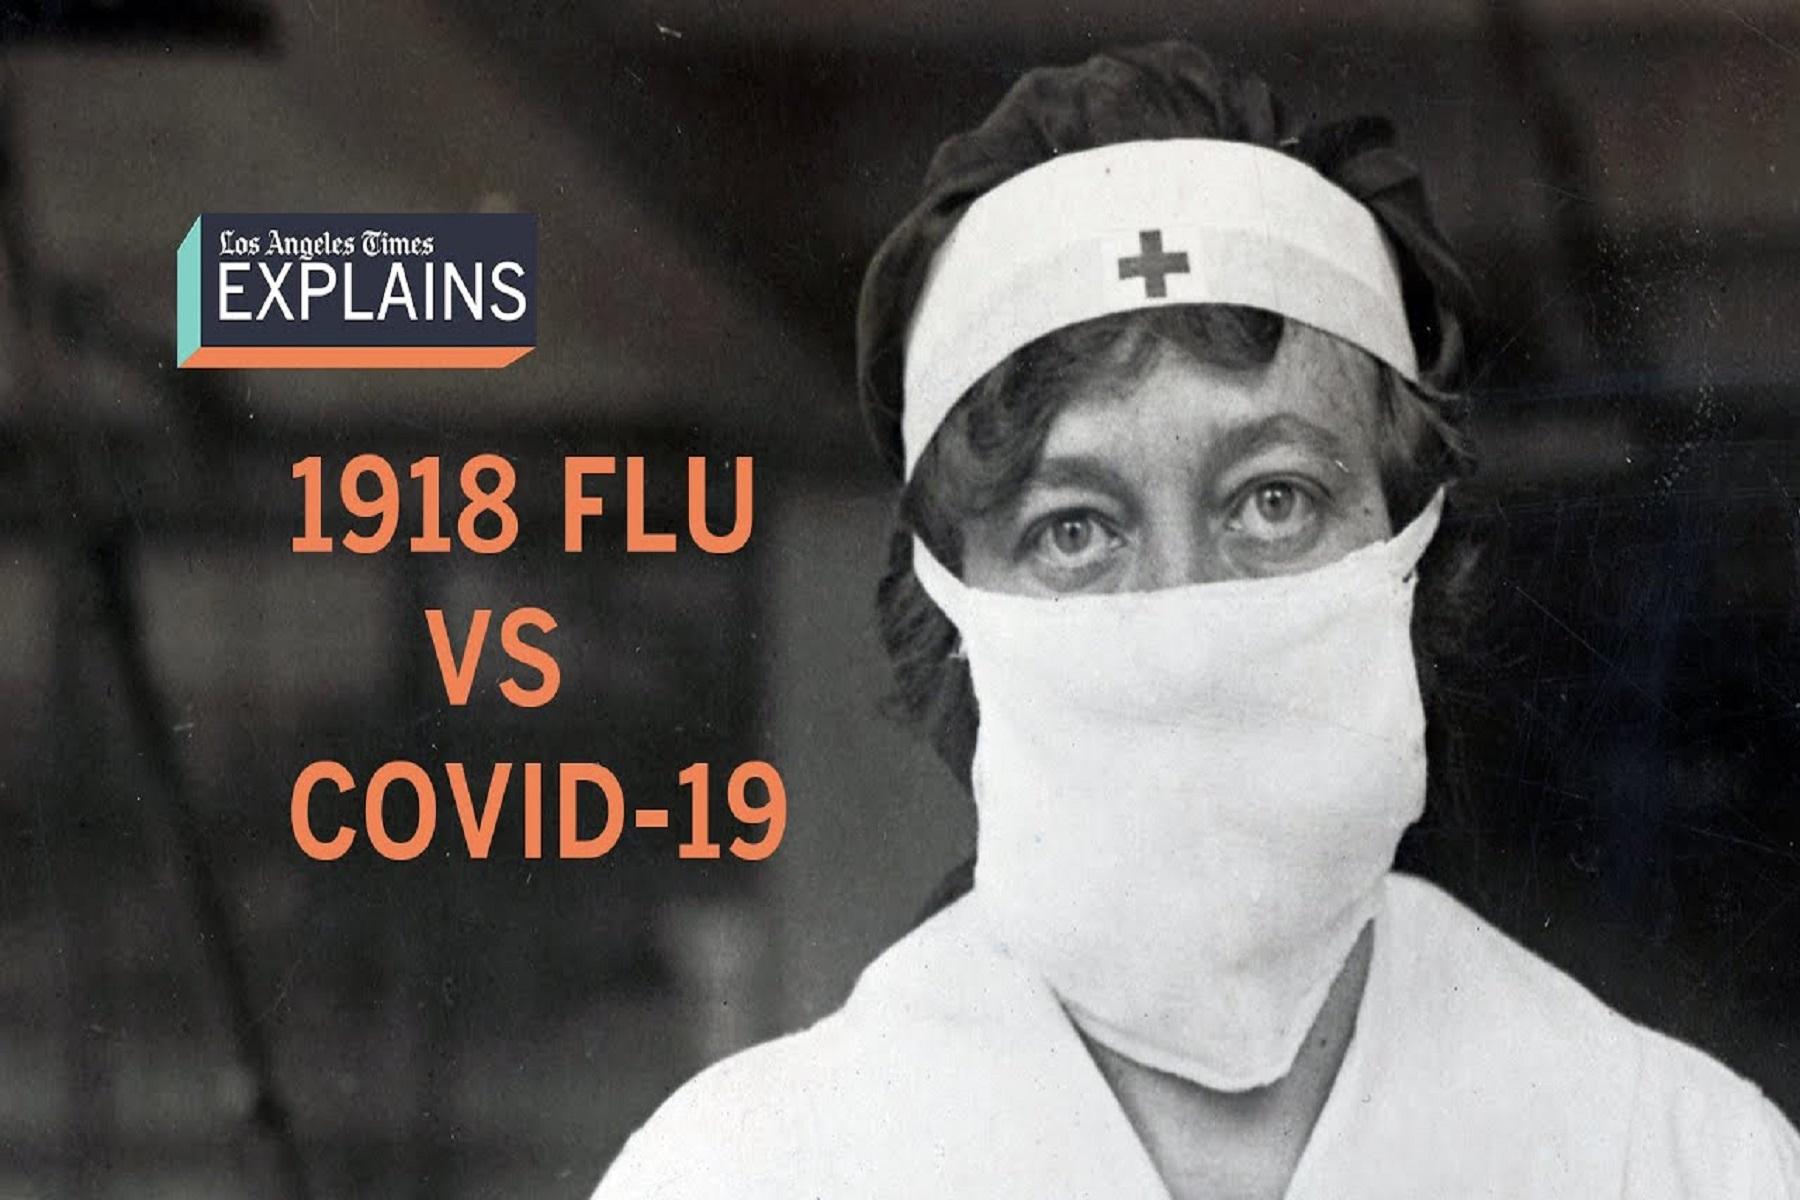 ΗΠΑ Θάνατοι: Η covid-19 έχει σκοτώσει περίπου τόσους Αμερικανούς όσο η γρίπη του 1918-19